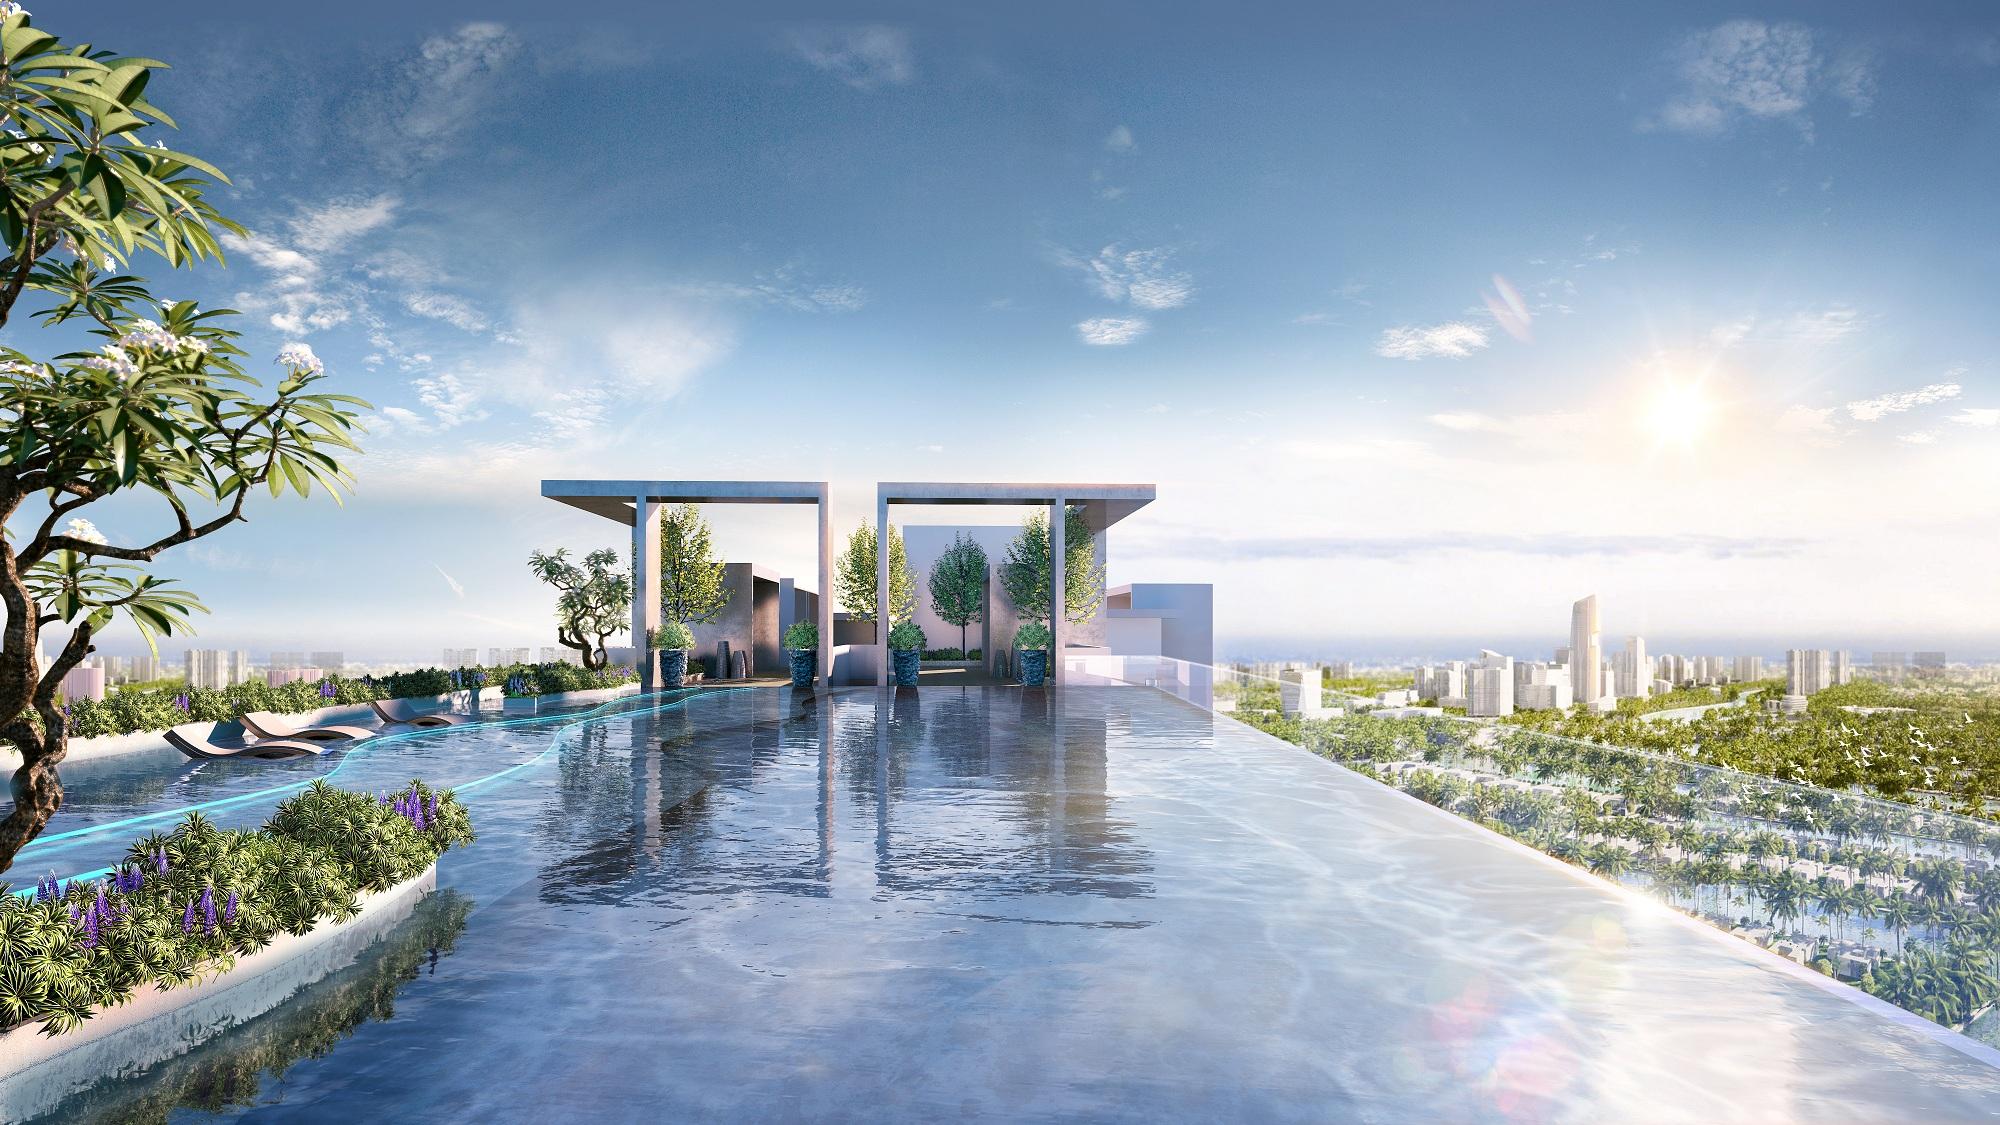 Bể bơi vô cực trên tầng 41 tháp đôi chung cư Sky Oasis, cư dân có thể vừa trải nghiệm thư giãn bơi lội, vừa ngắm nhìn toàn thành phố Ecopark xanh tươi